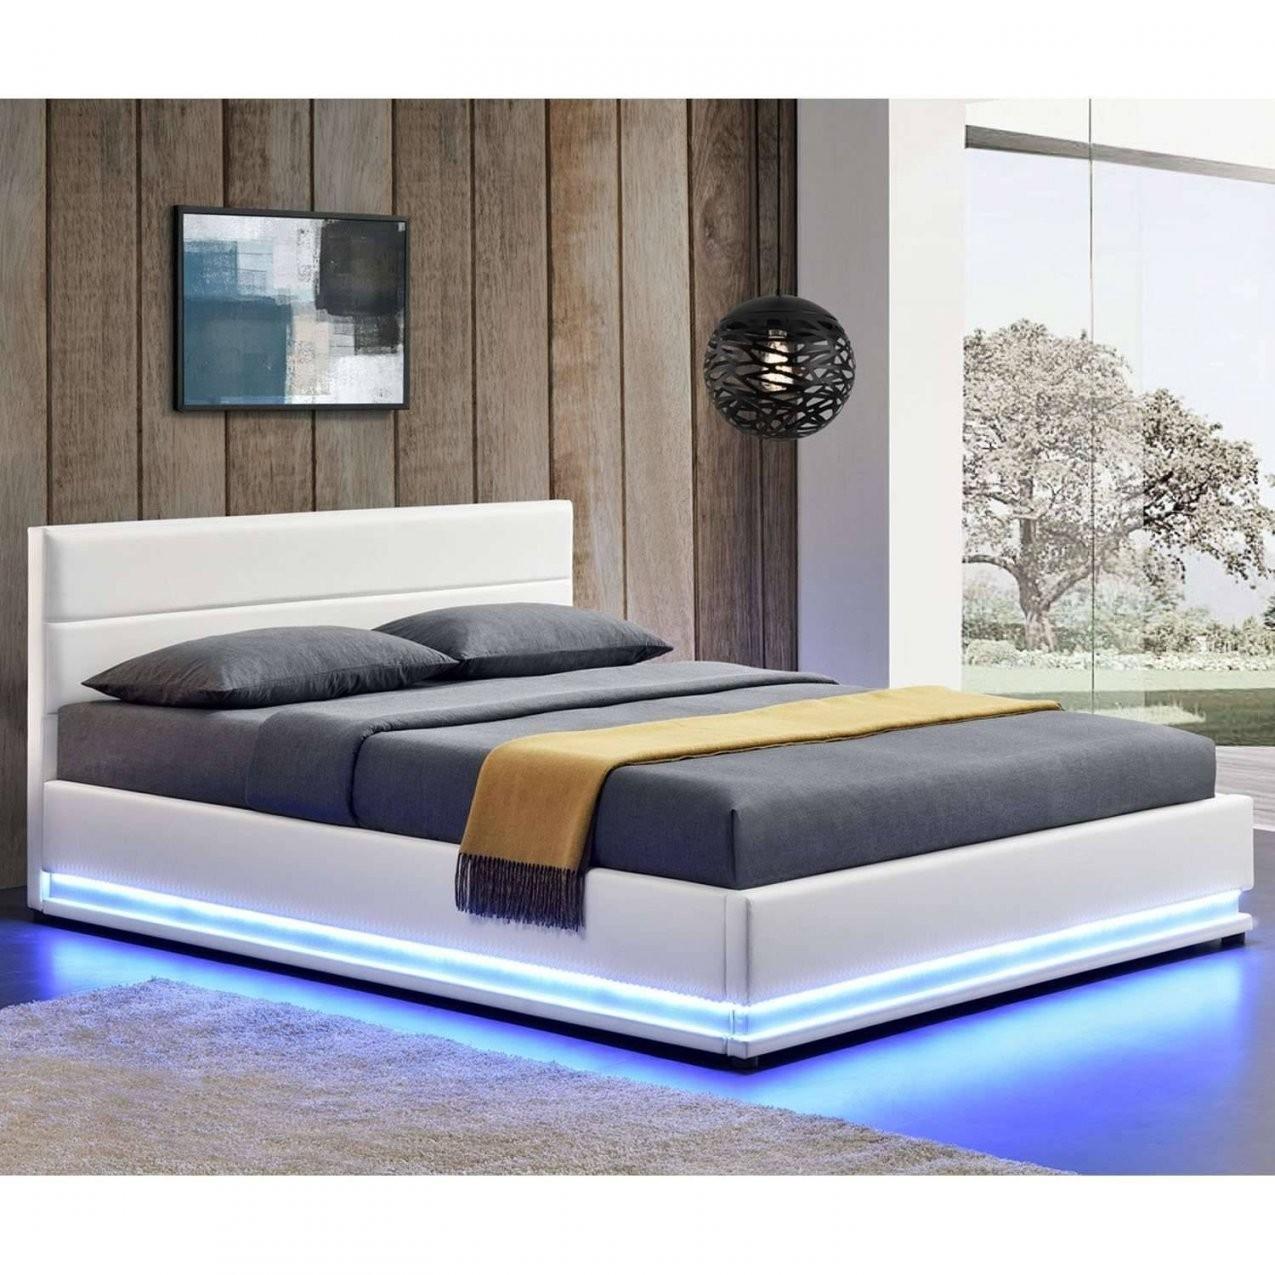 Bett 200×200 Mit Matratze Und Lattenrost Unique Bett 200×200 Mit von Bett Mit Matratze Und Lattenrost 200X200 Bild